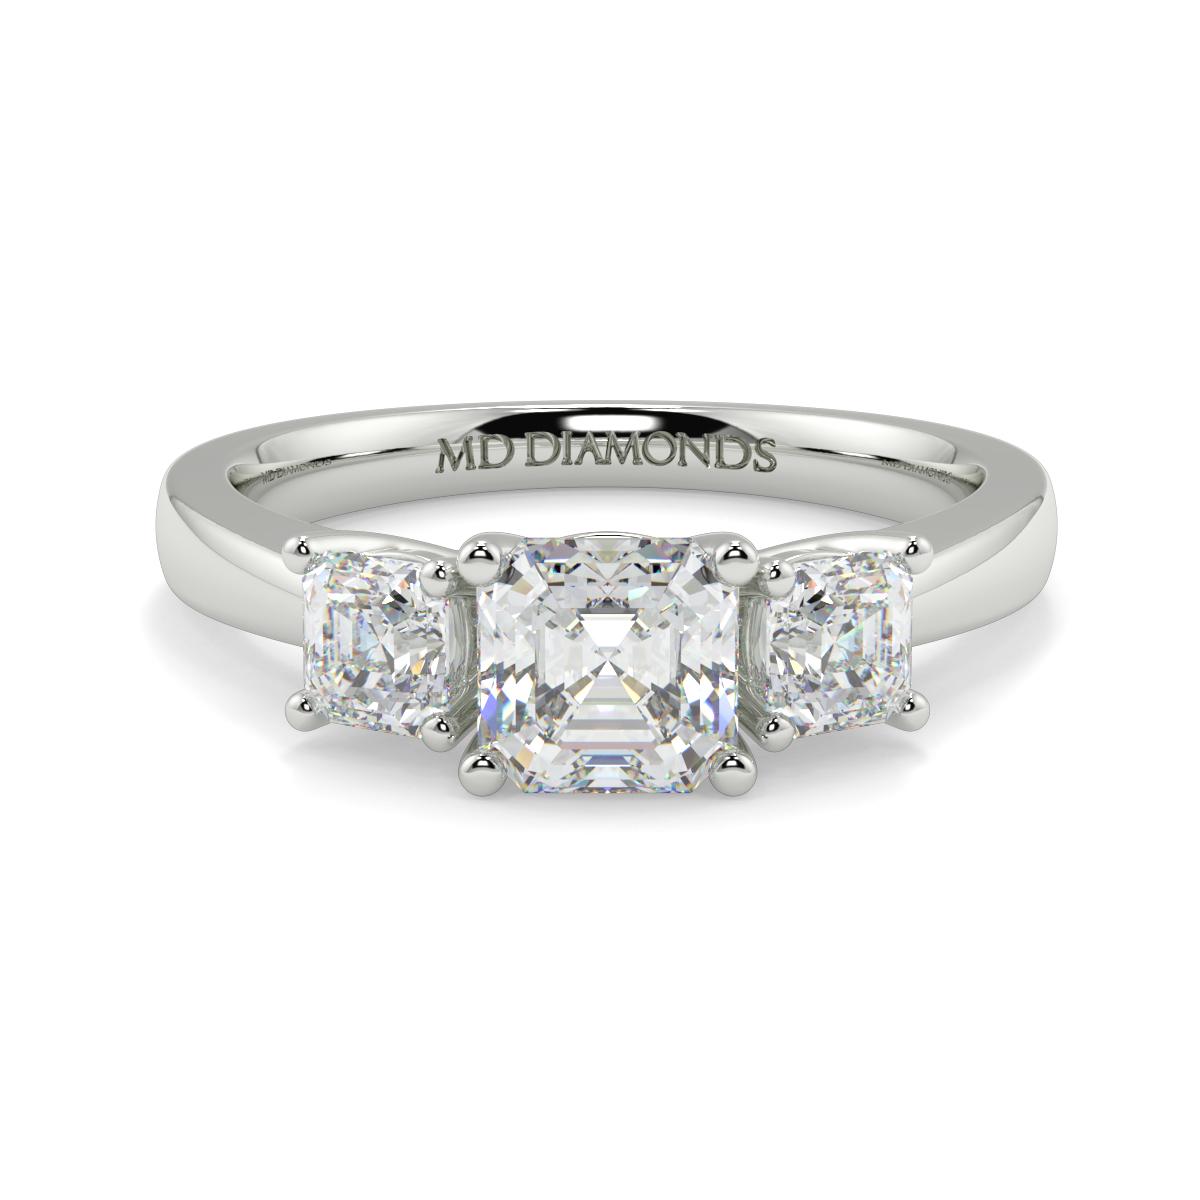 Assher Cut Triology Ring